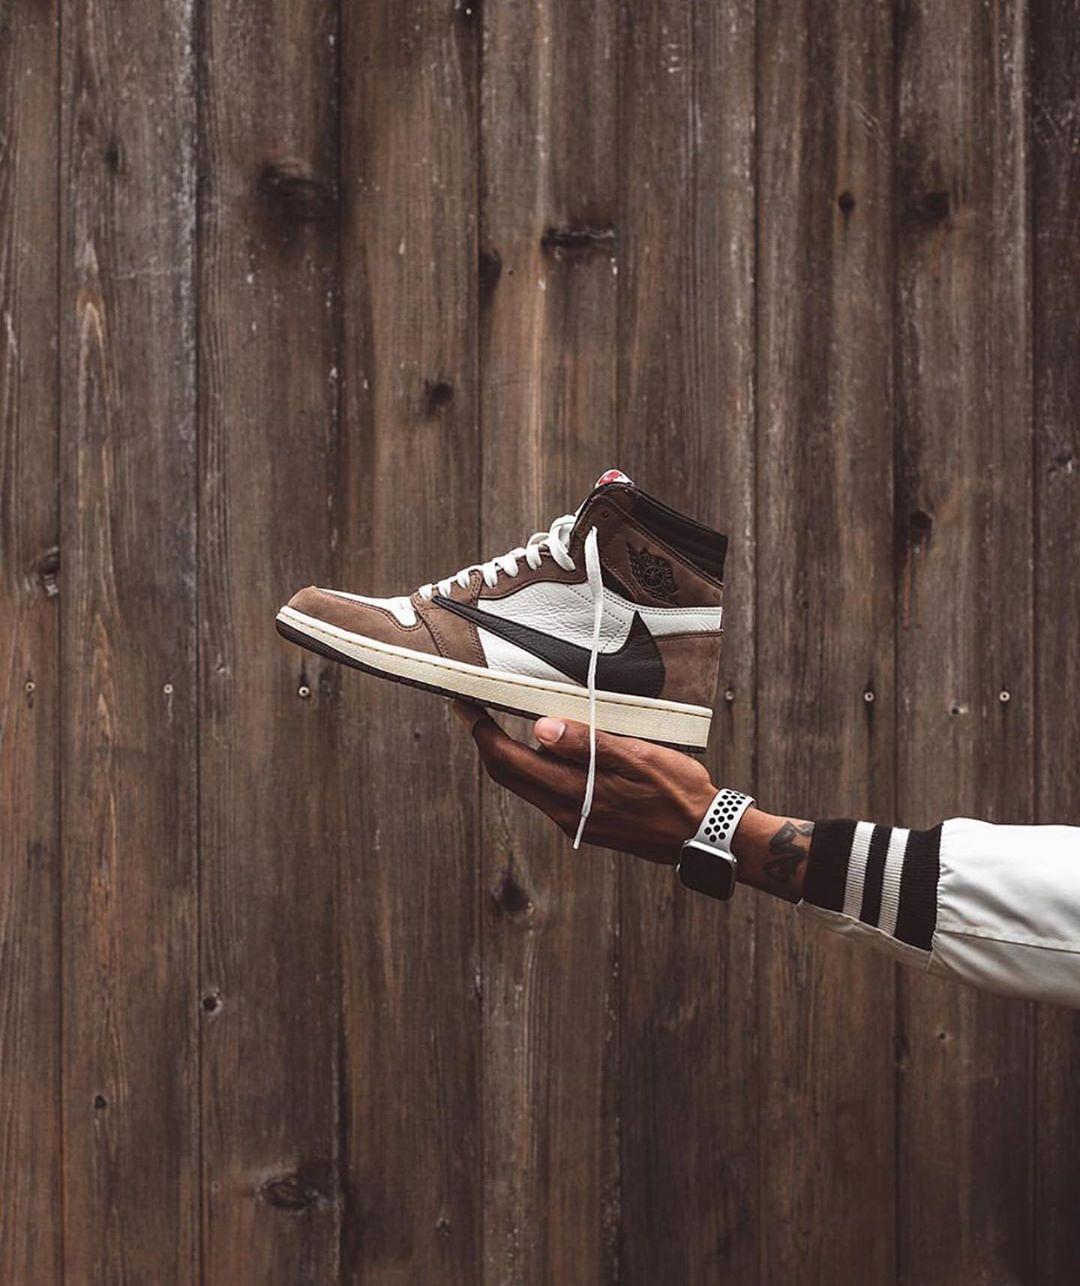 AJ1,Air Jordan 1,Nike,Yeezy  近期抄底球鞋最狠涨了一千多!买到这些鞋的人偷着乐吧!